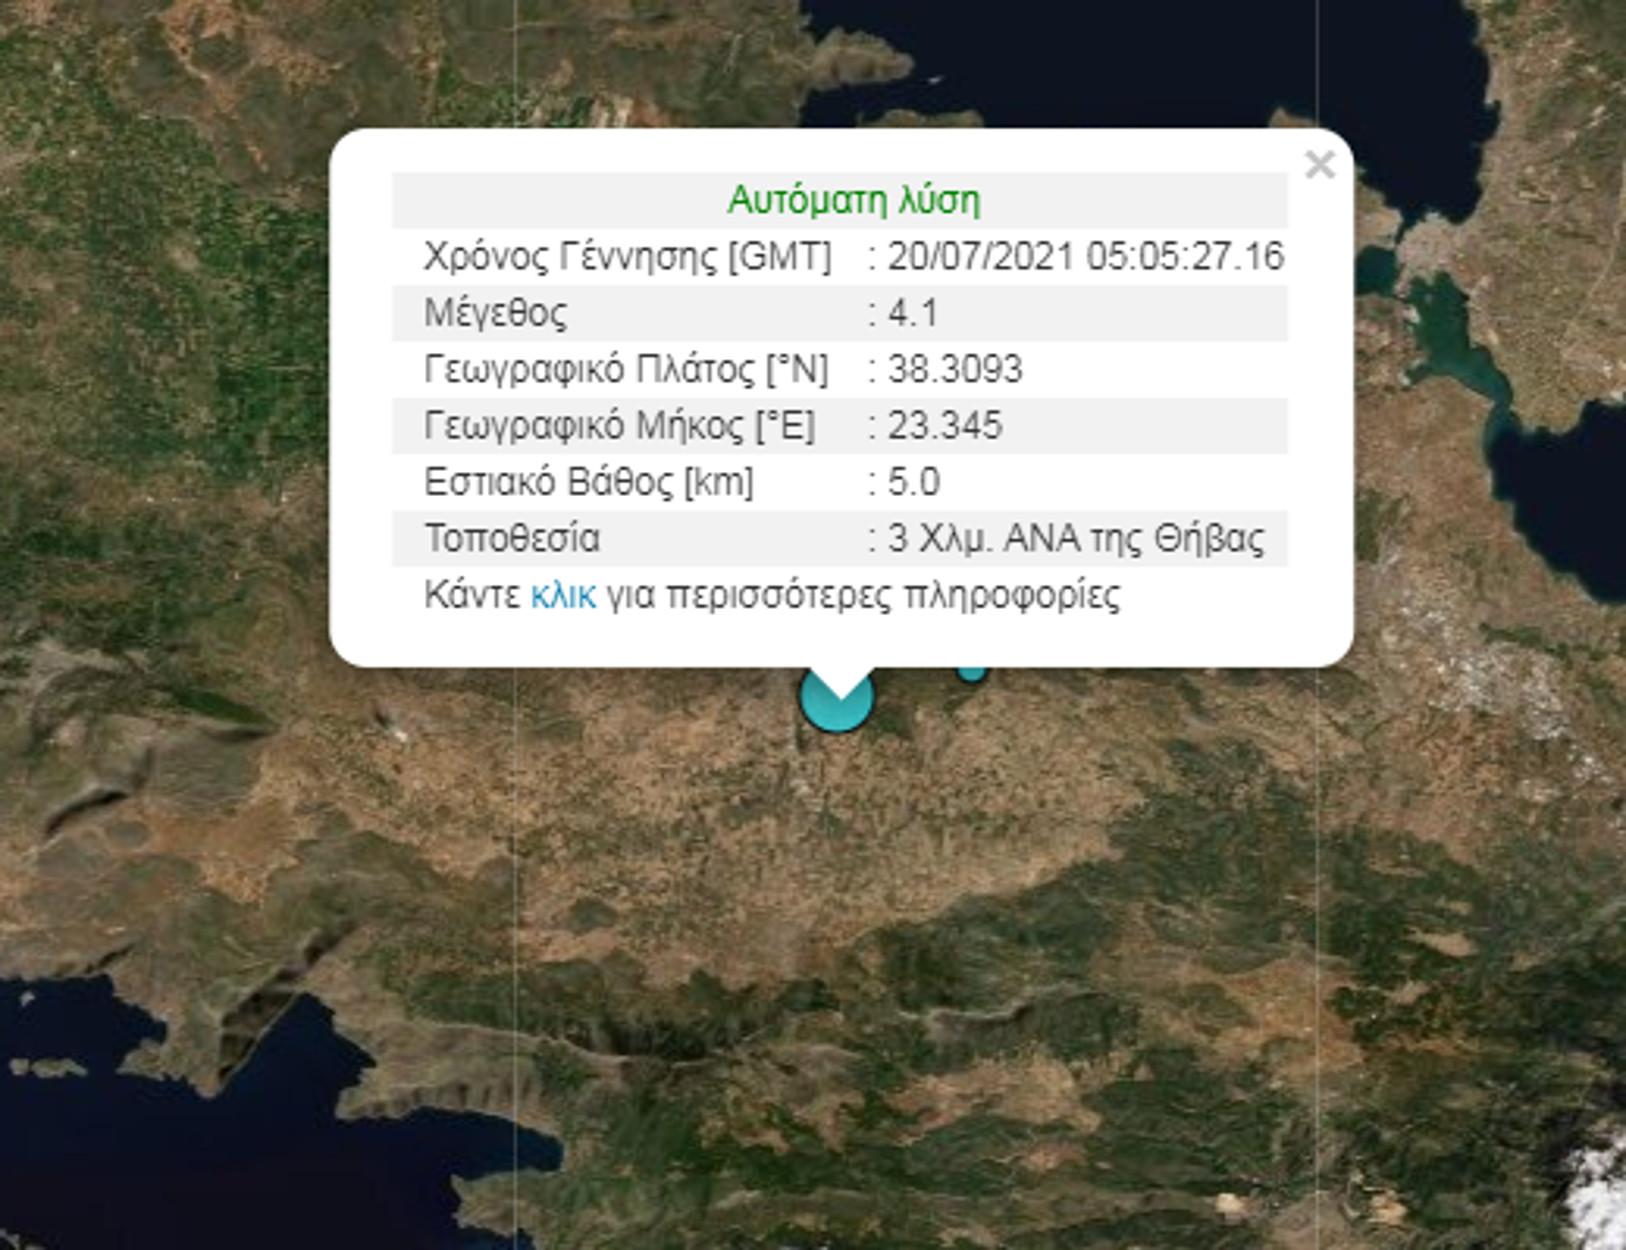 Σεισμός 41 Ρίχτερ στη Θήβα – Αισθητός και στην Αττική